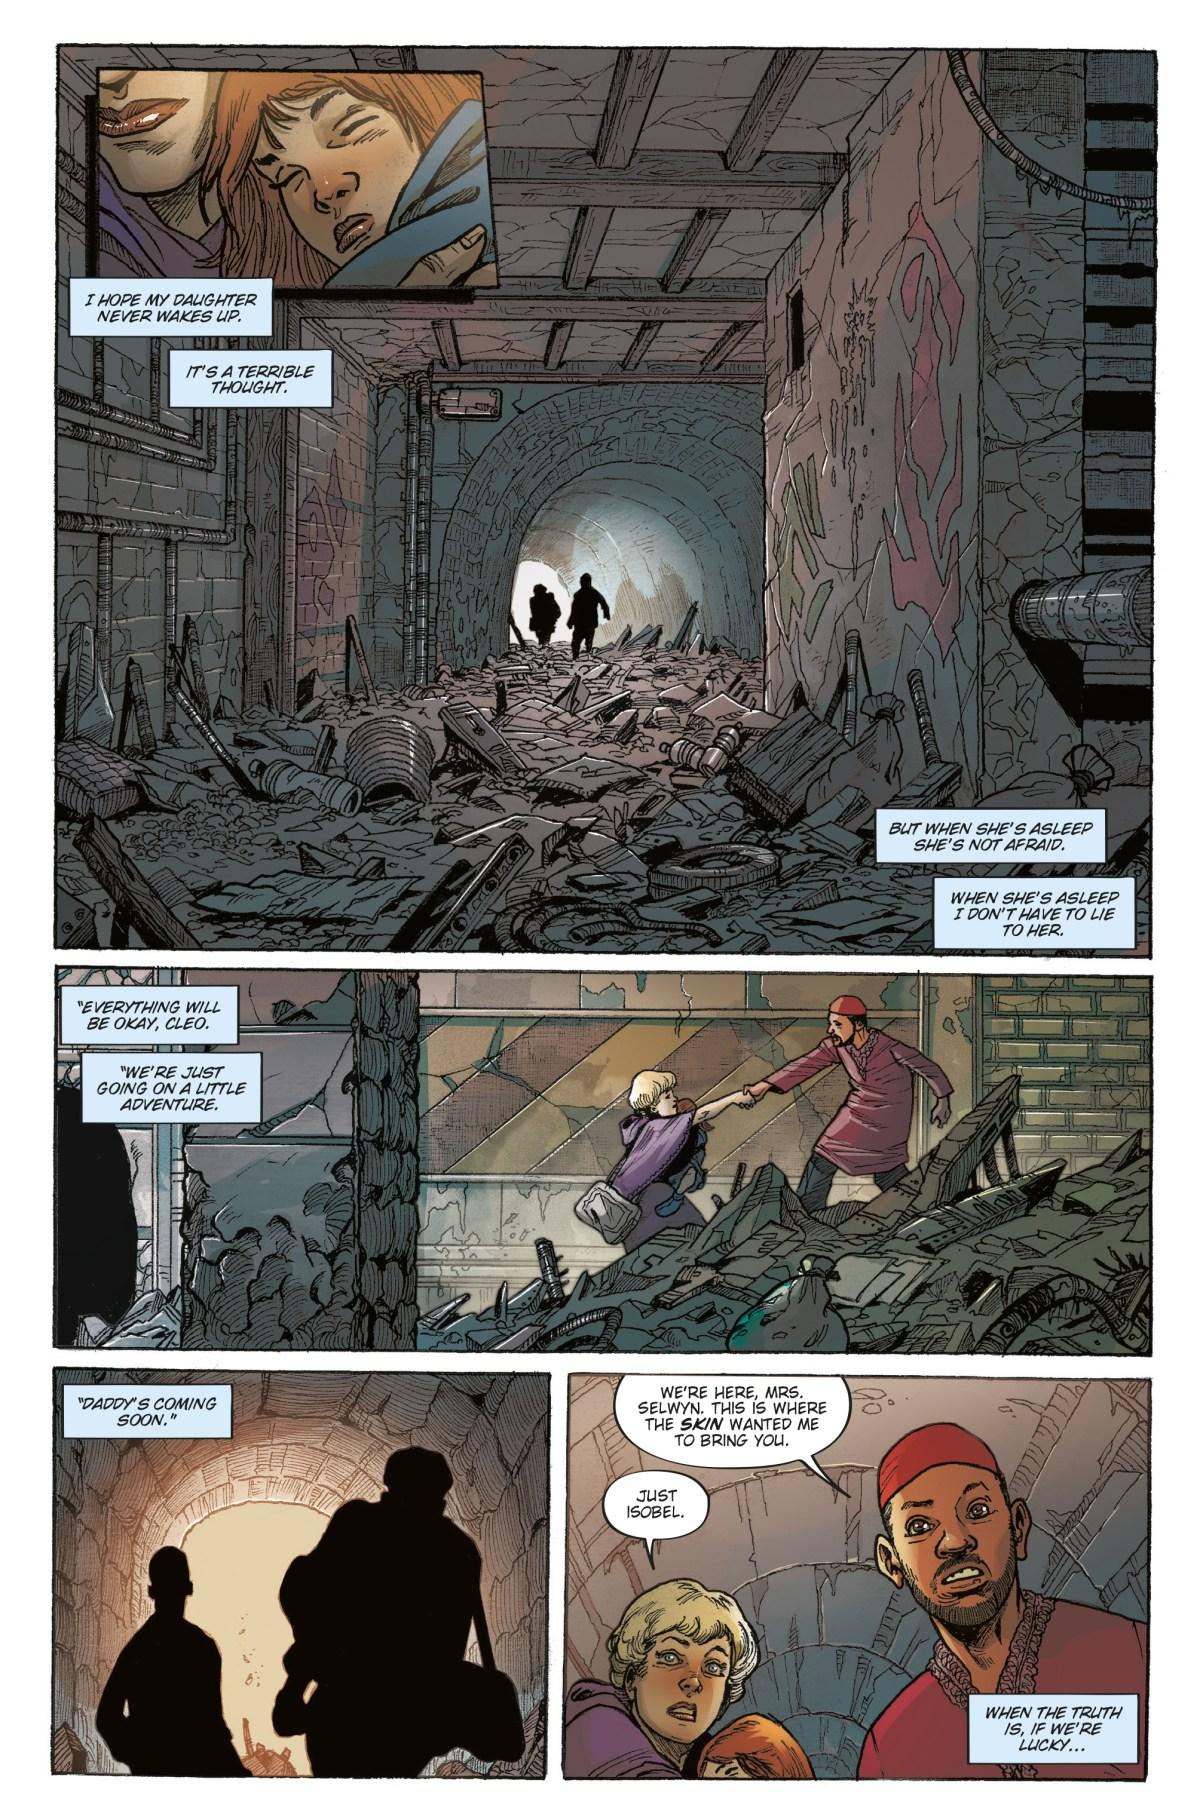 Isobel and Cleo flee underground.